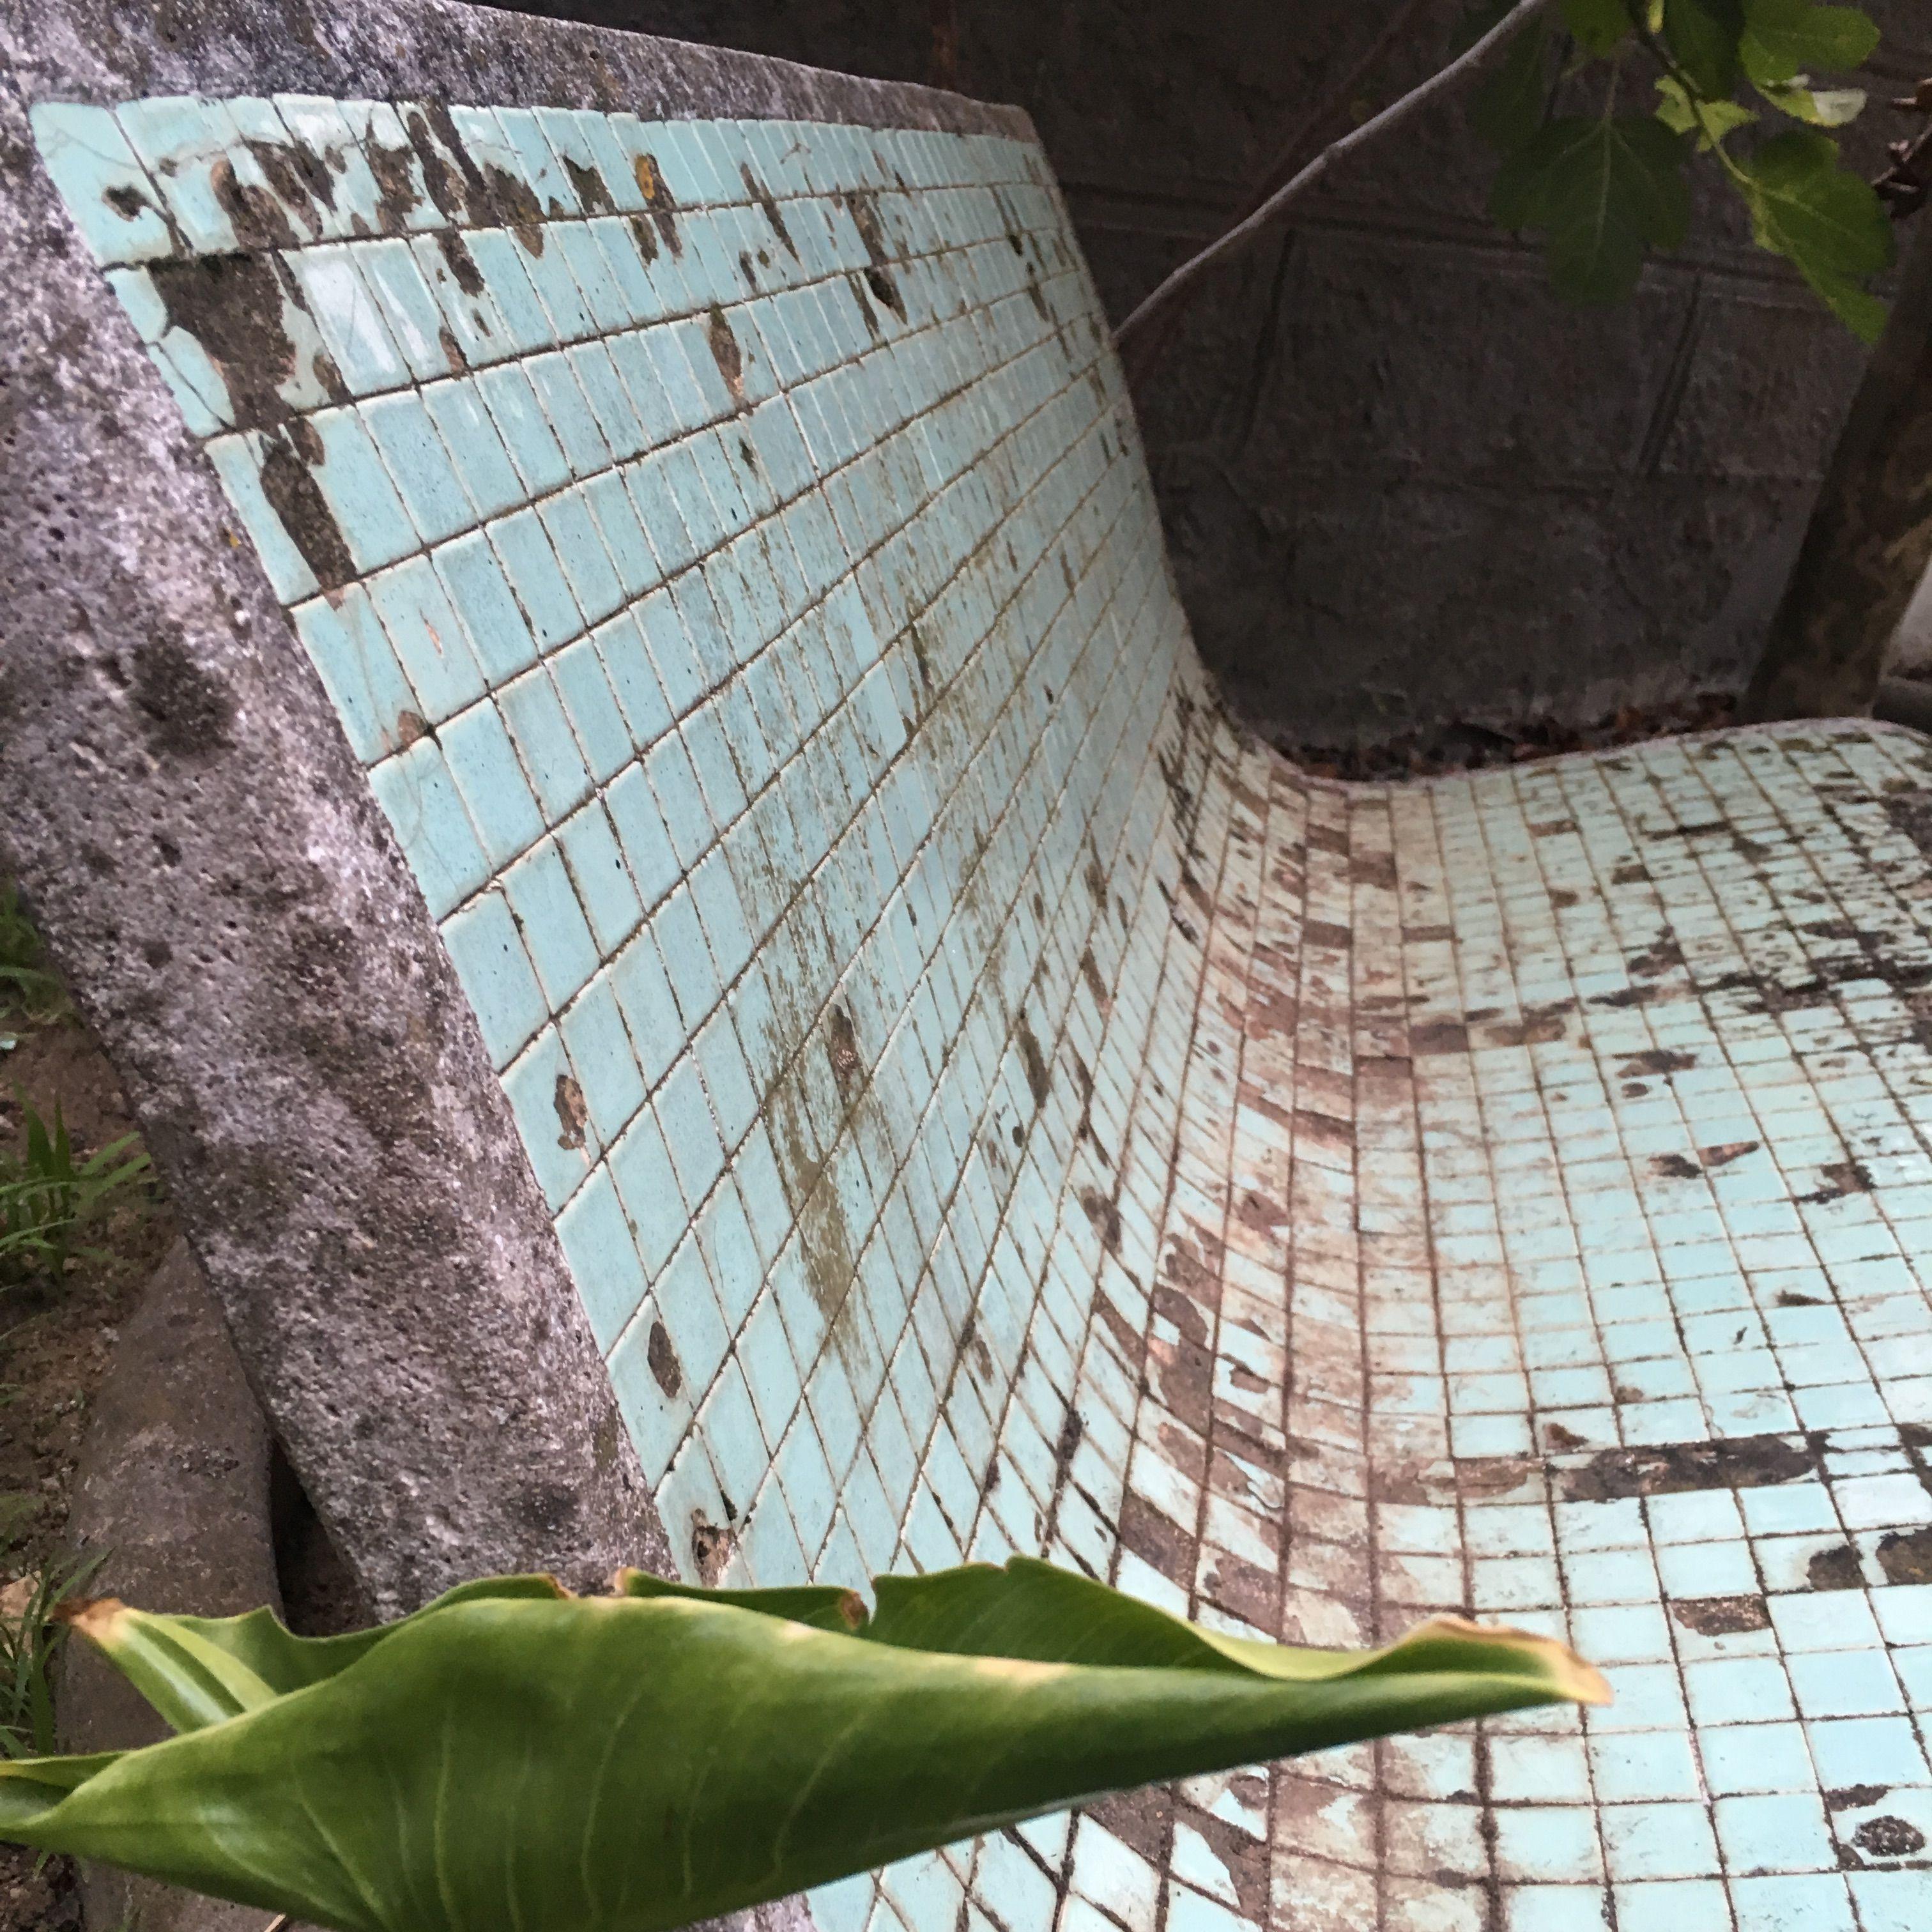 Panchina Con Mosaico Originale Da Restaurare San Vito Sullo